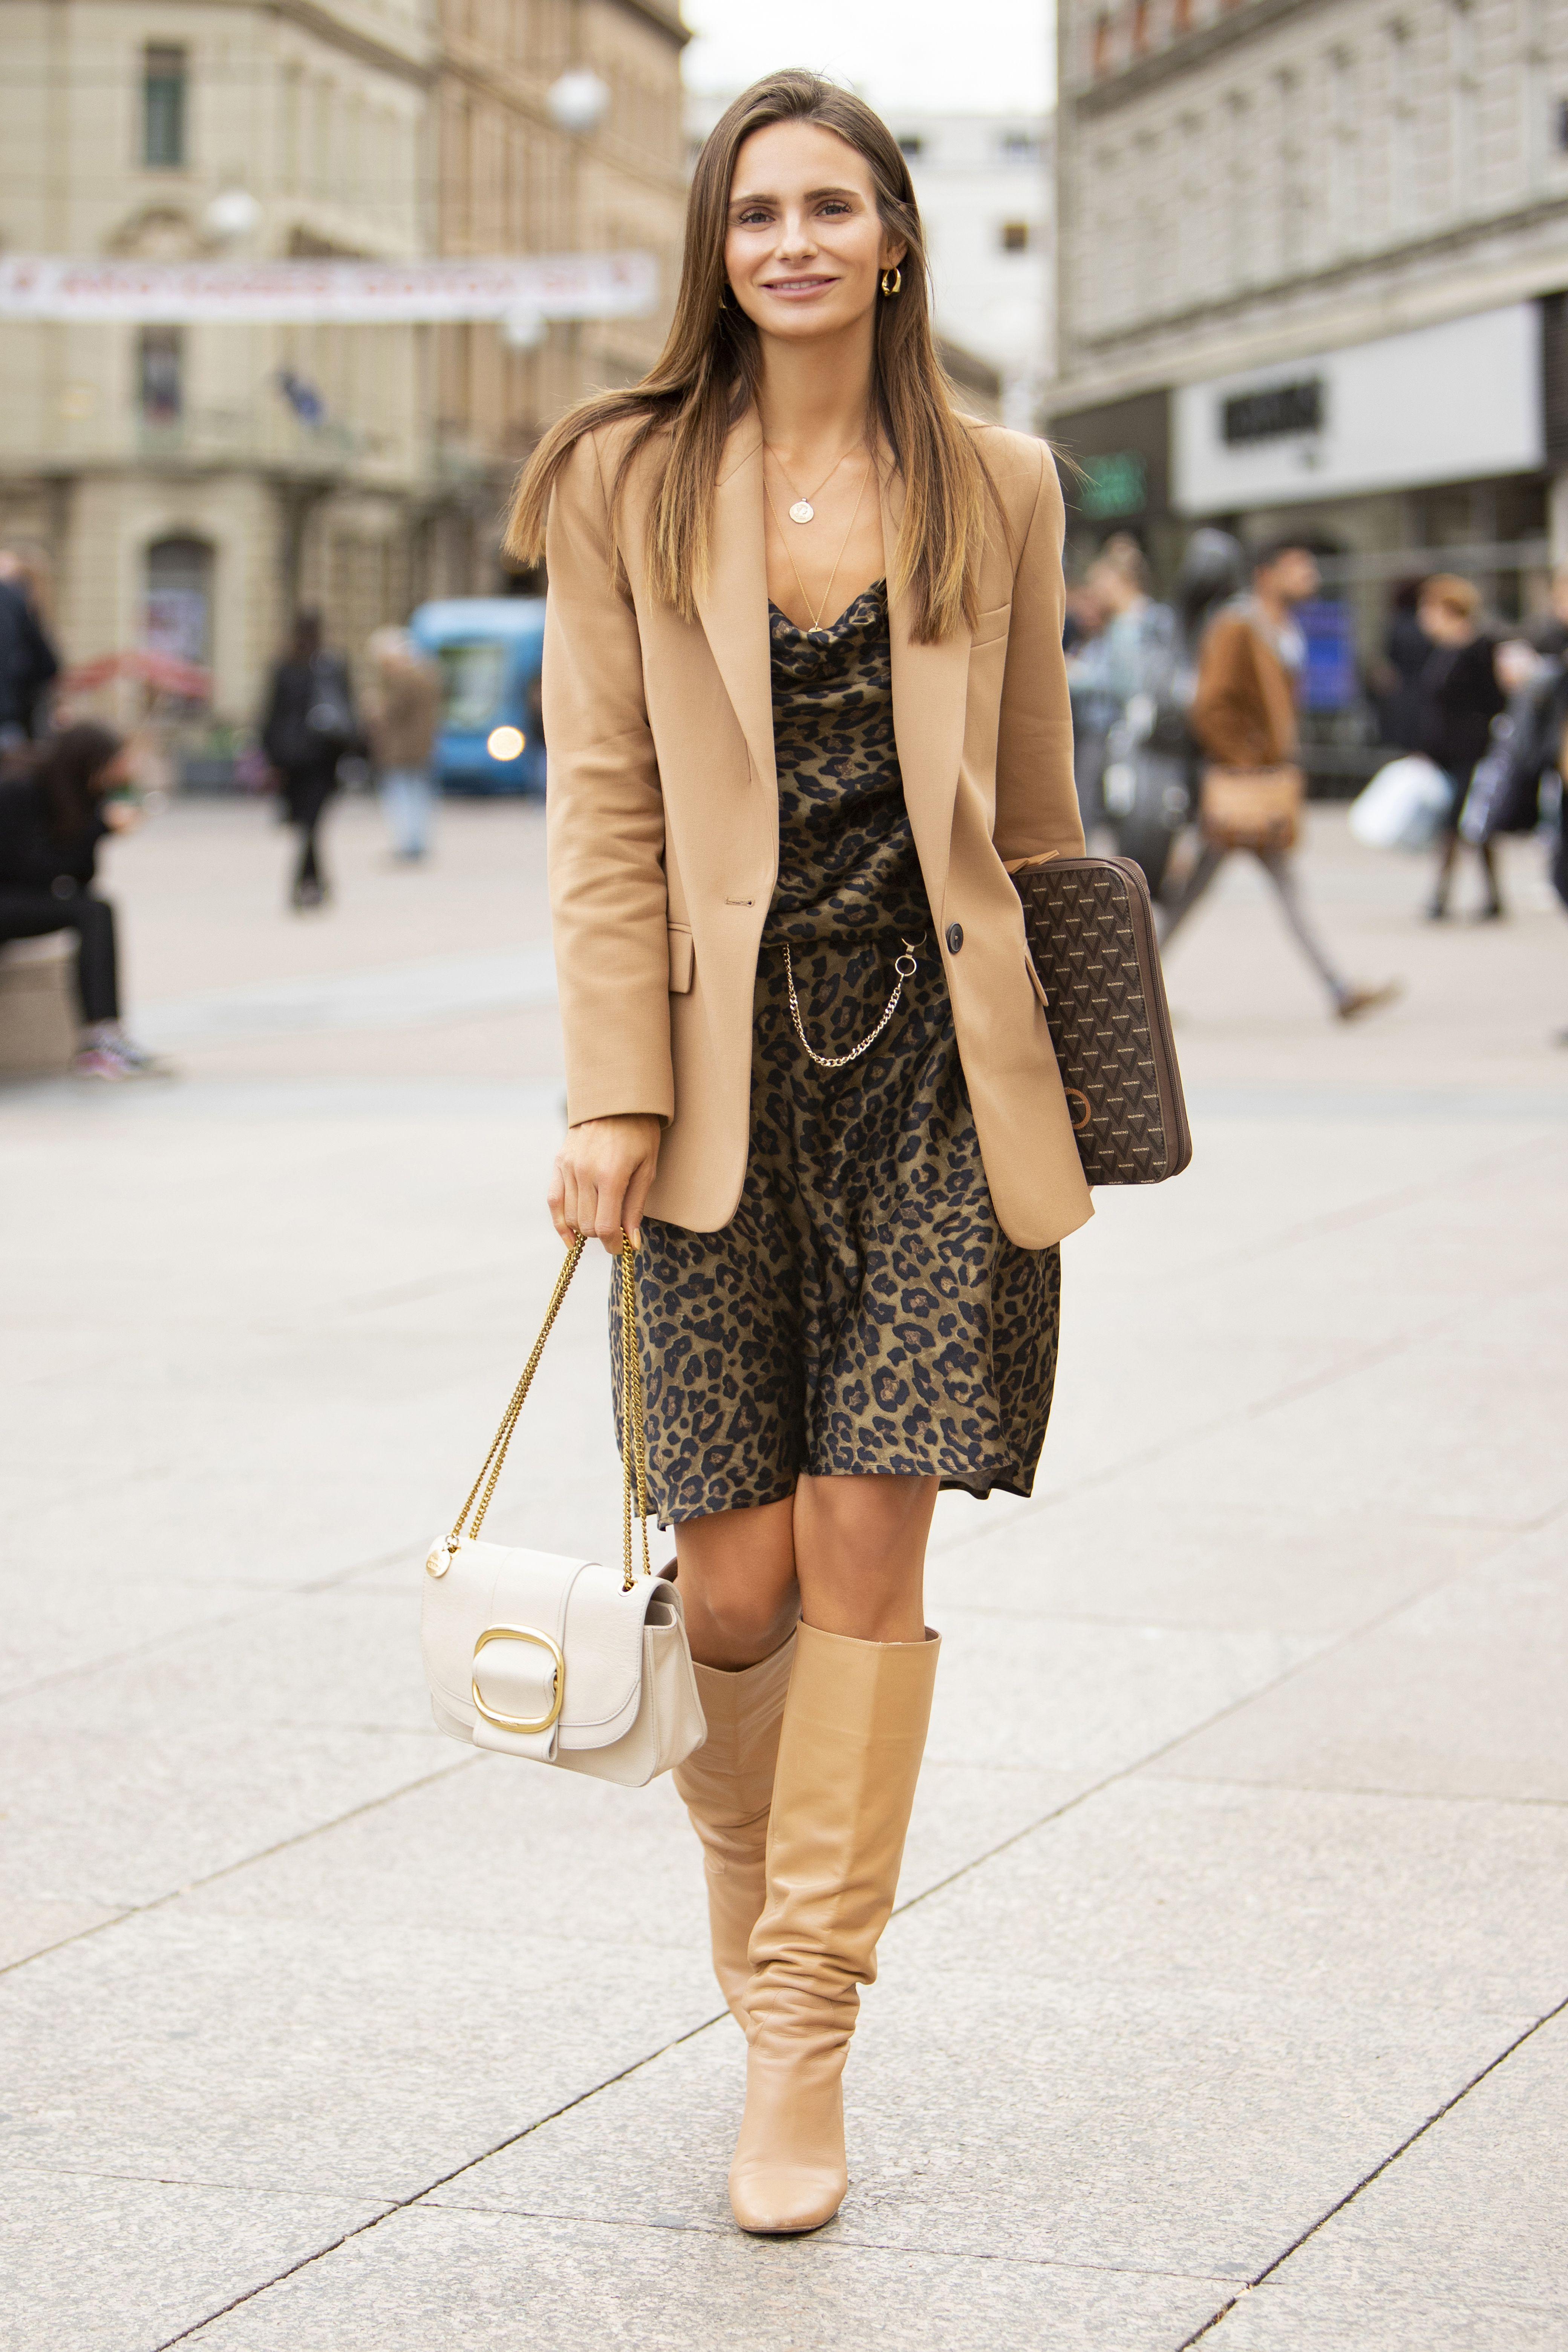 Leopard haljina uvijek je dobra ideja: 'Imam puno leopard i zmijskog uzorka u ormaru'